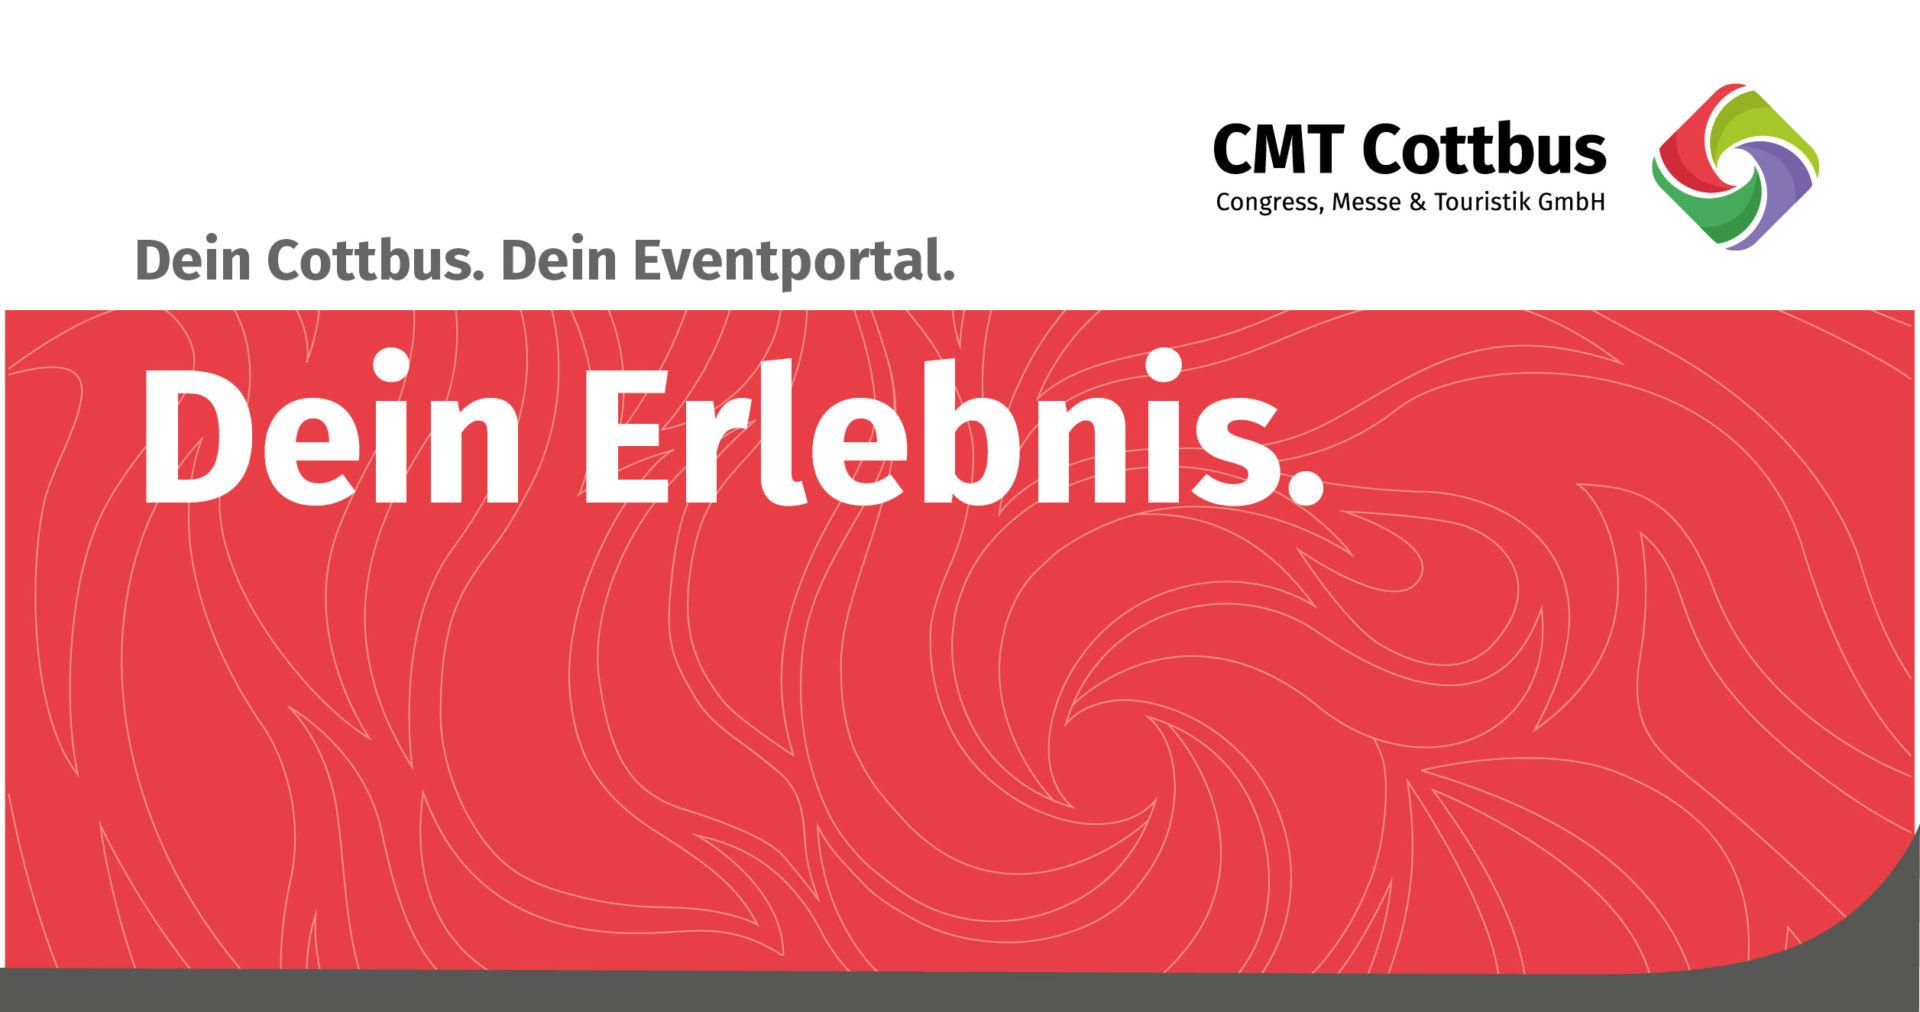 Startseite CMT Cottbus Congress Messe und Touristik GmbH